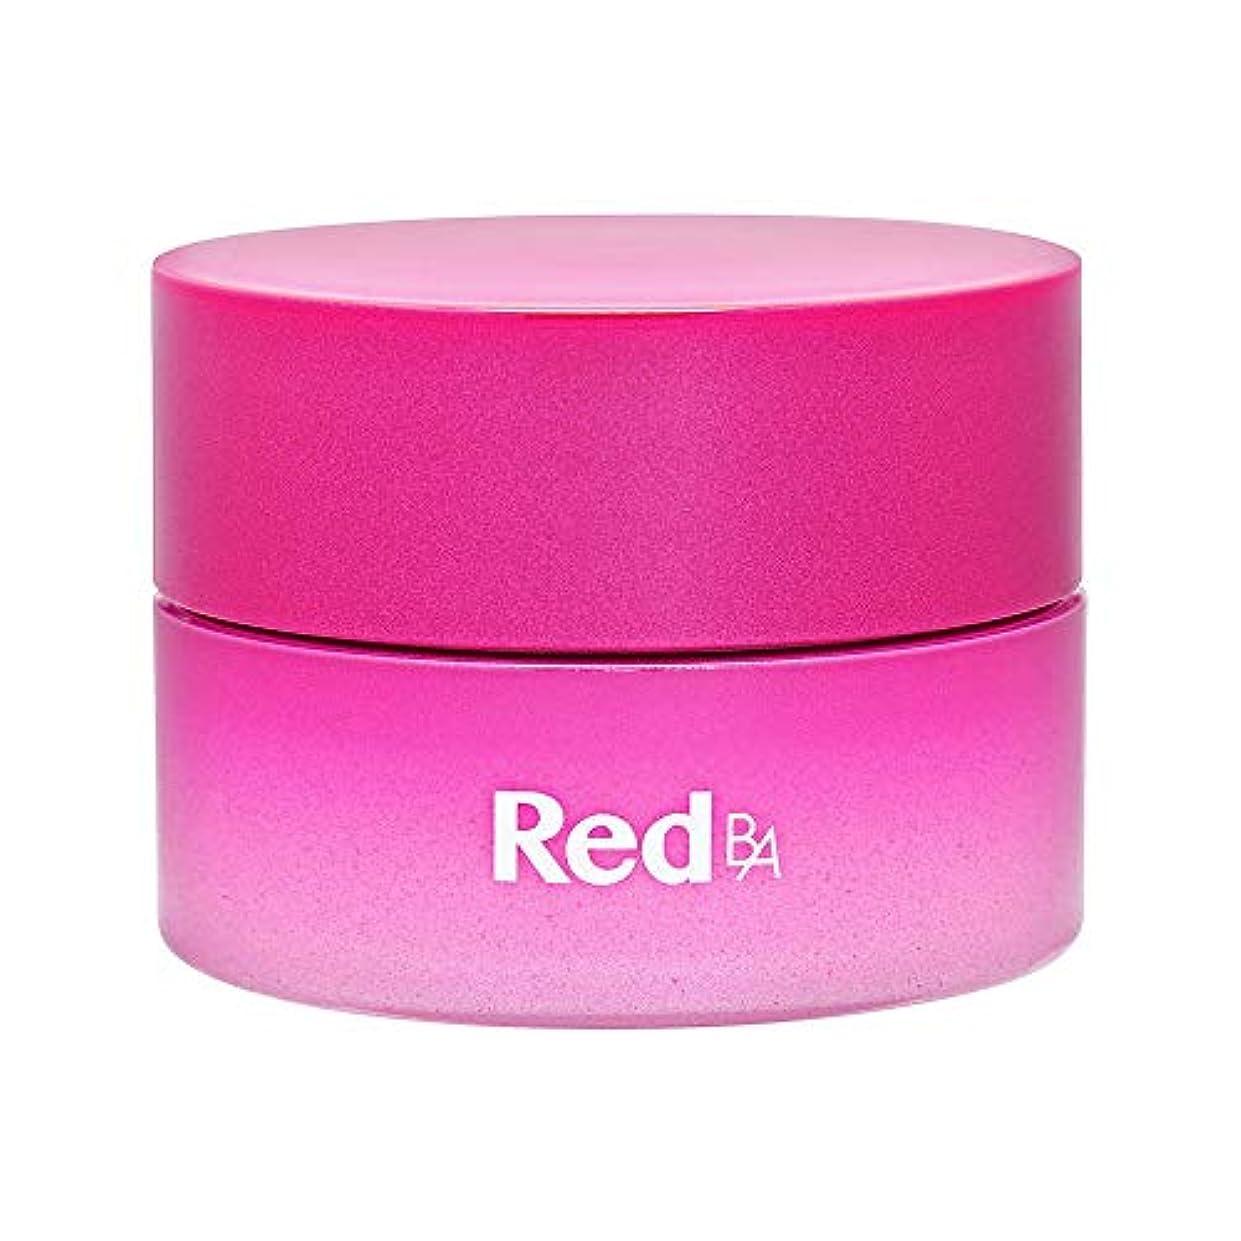 ソフトウェア便利さ特異性ポーラ Red B.A マルチコンセントレート 50g [並行輸入品]